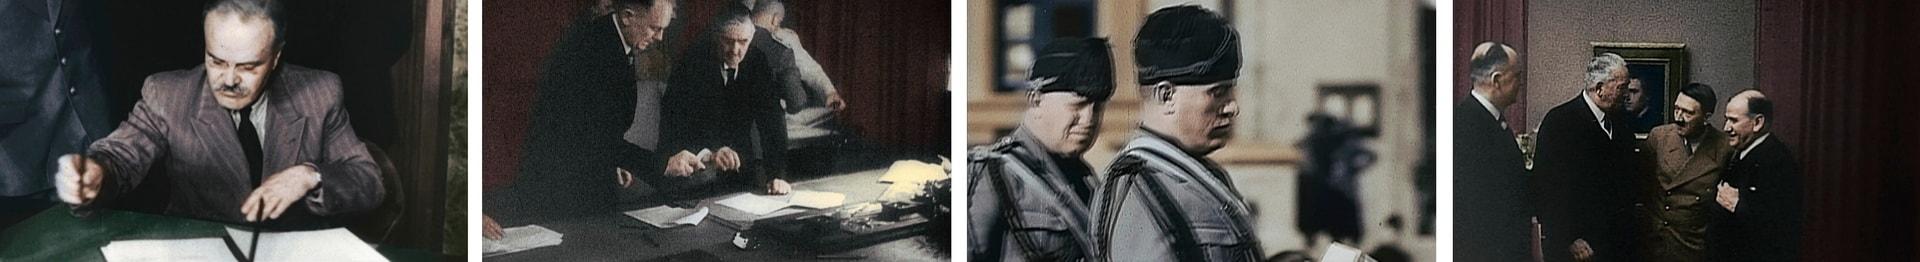 Предпоссылки к Второй Мировой Войне